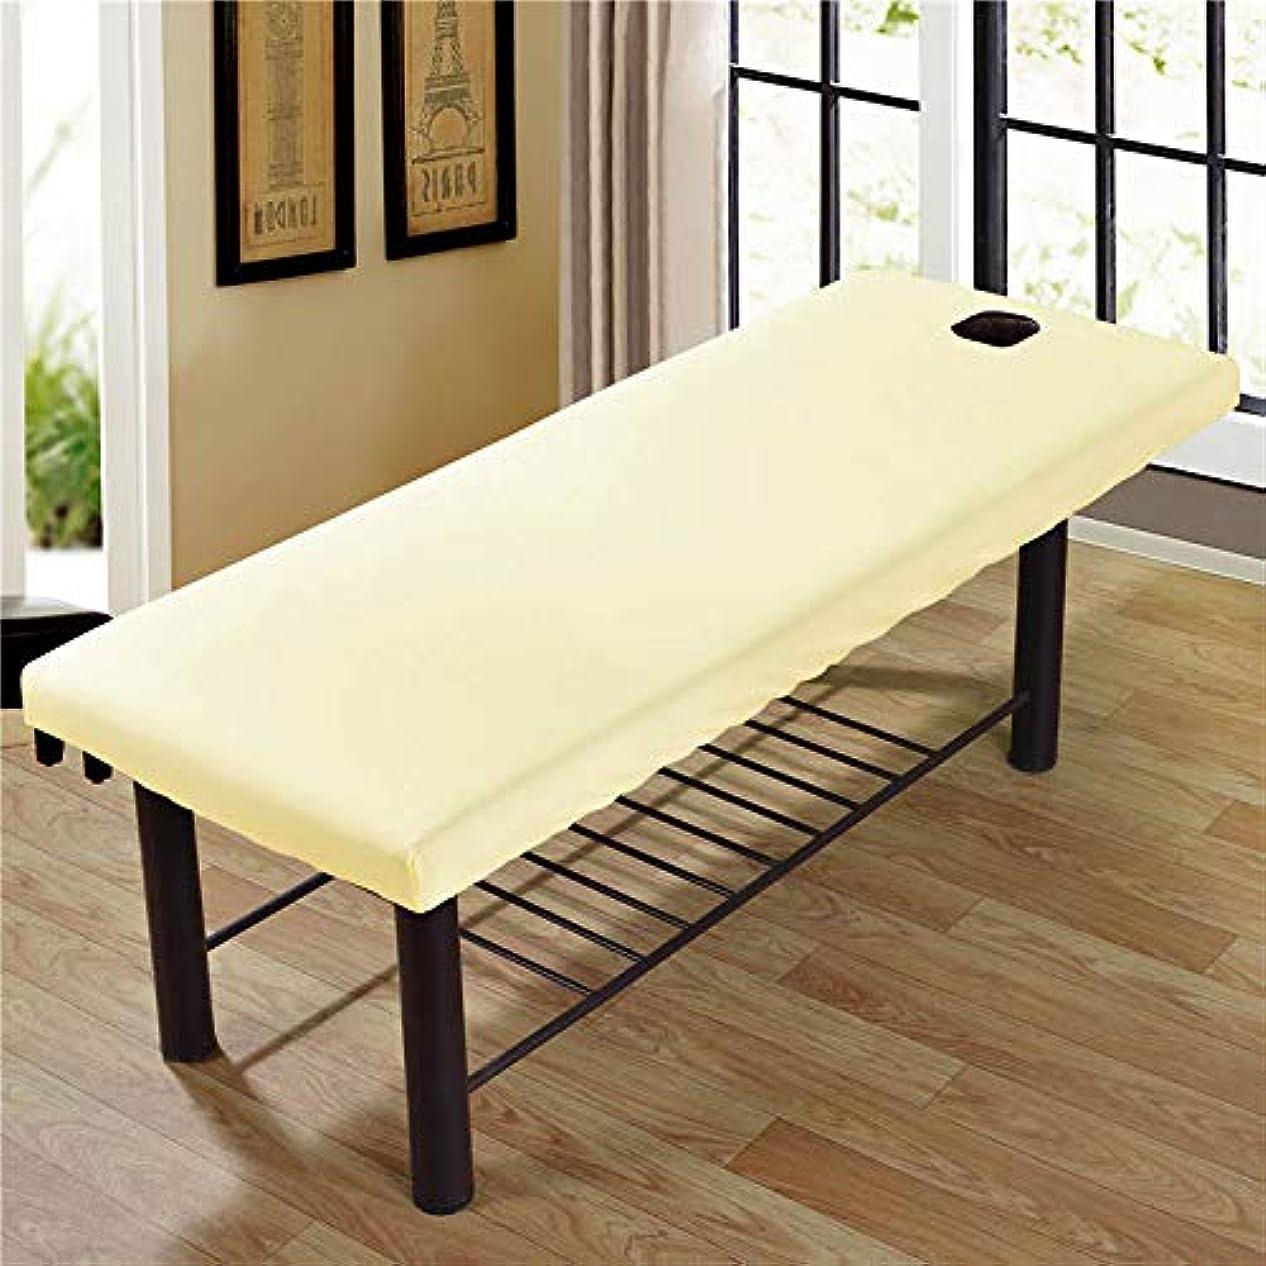 自然公園苦行結婚Funtoget  美容院のマッサージ療法のベッドのための柔らかいSoliod色の長方形のマットレス